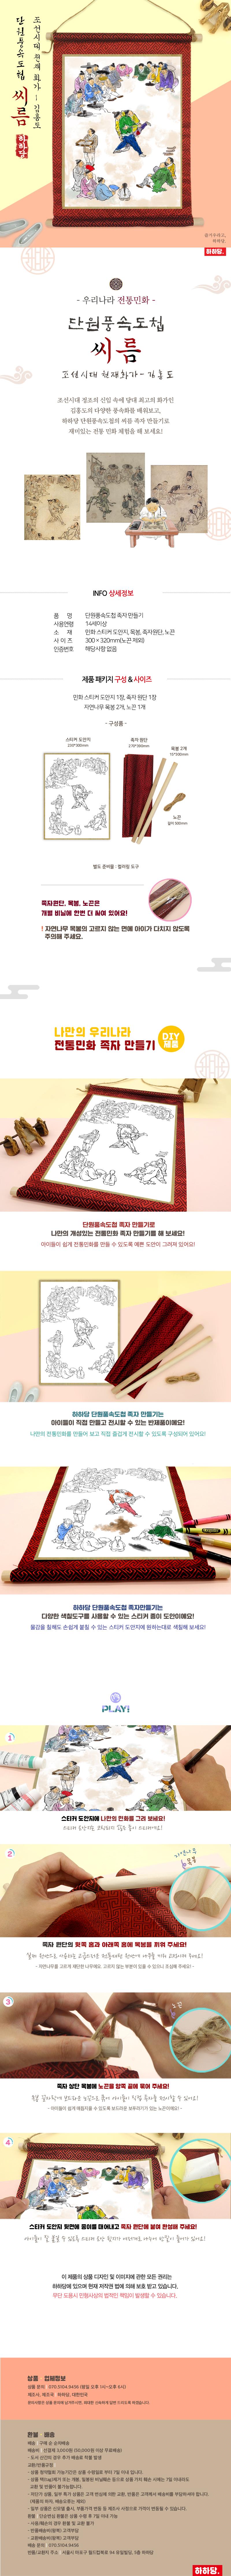 김홍도 족자만들기 - 씨름 - 하하당, 3,500원, 미술놀이, 미술교구